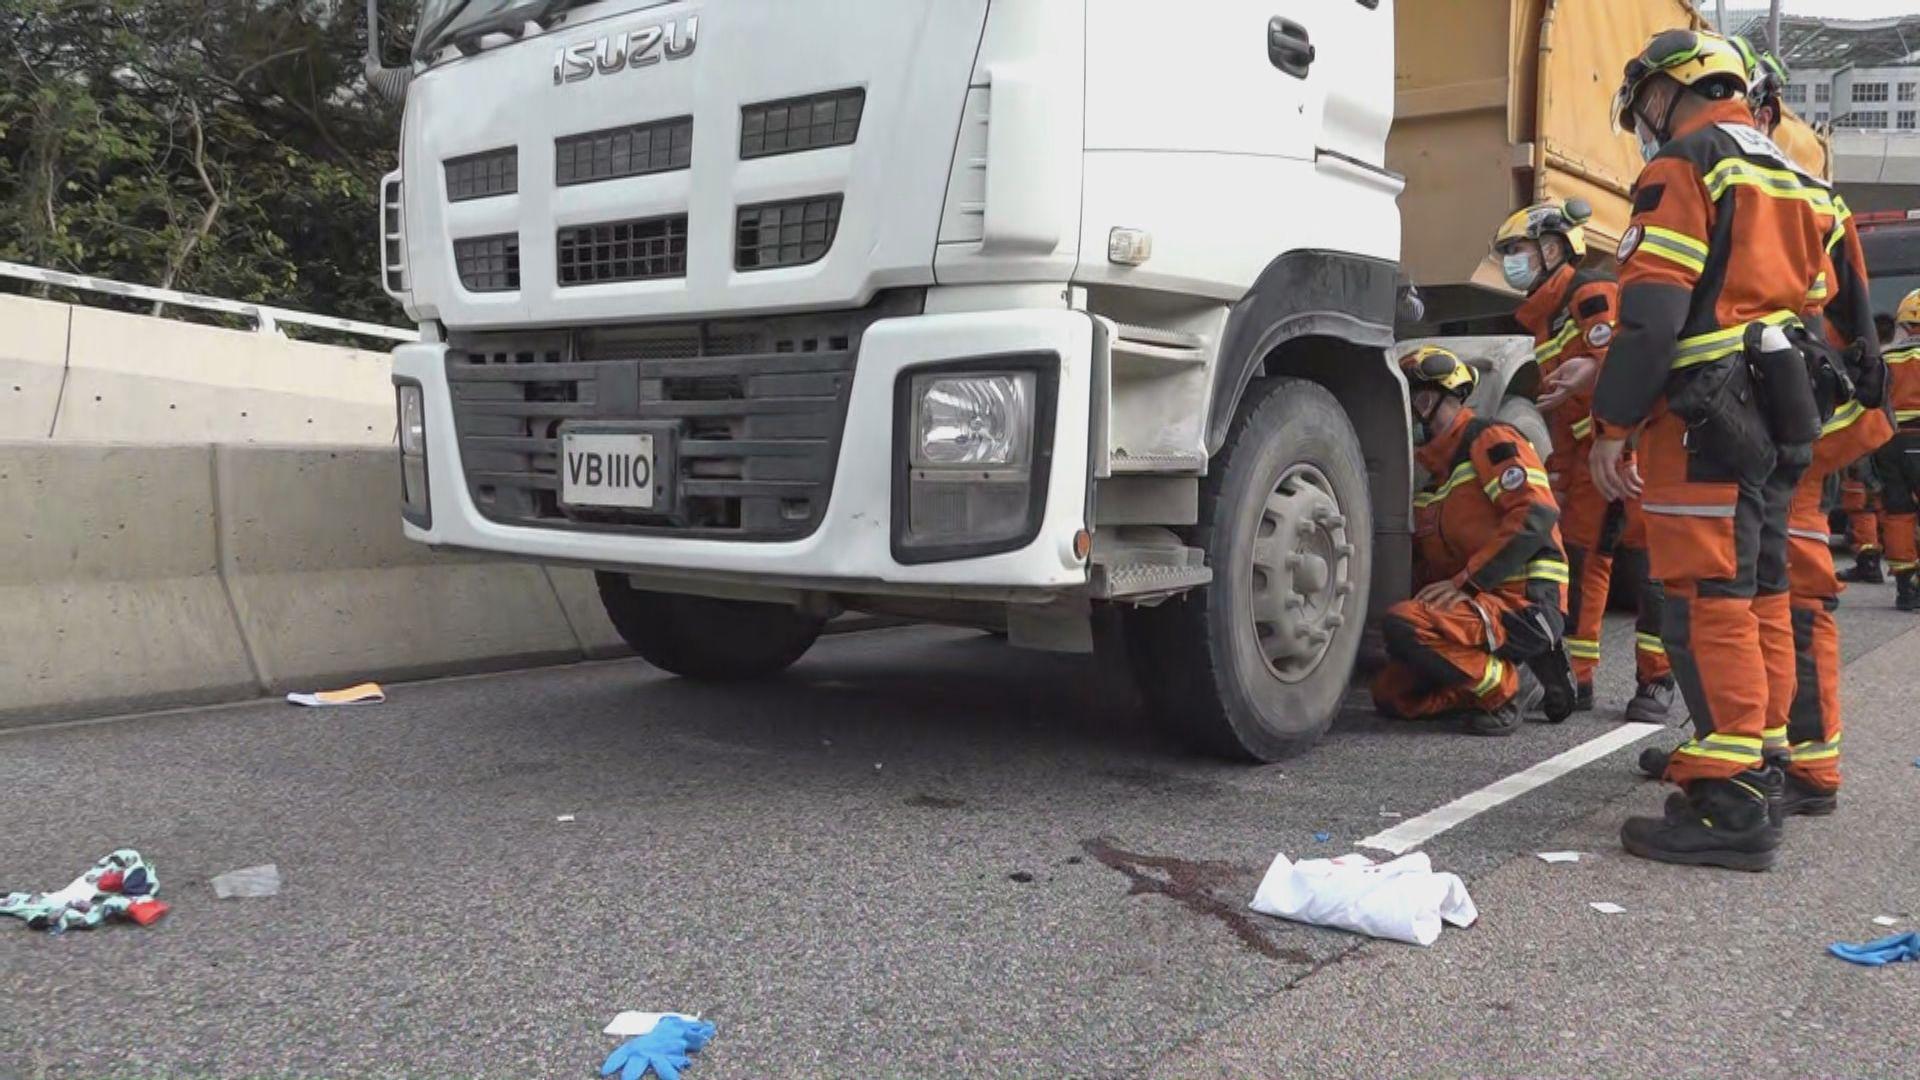 九龍灣電單車與泥頭車相撞 電單車司機受傷送院